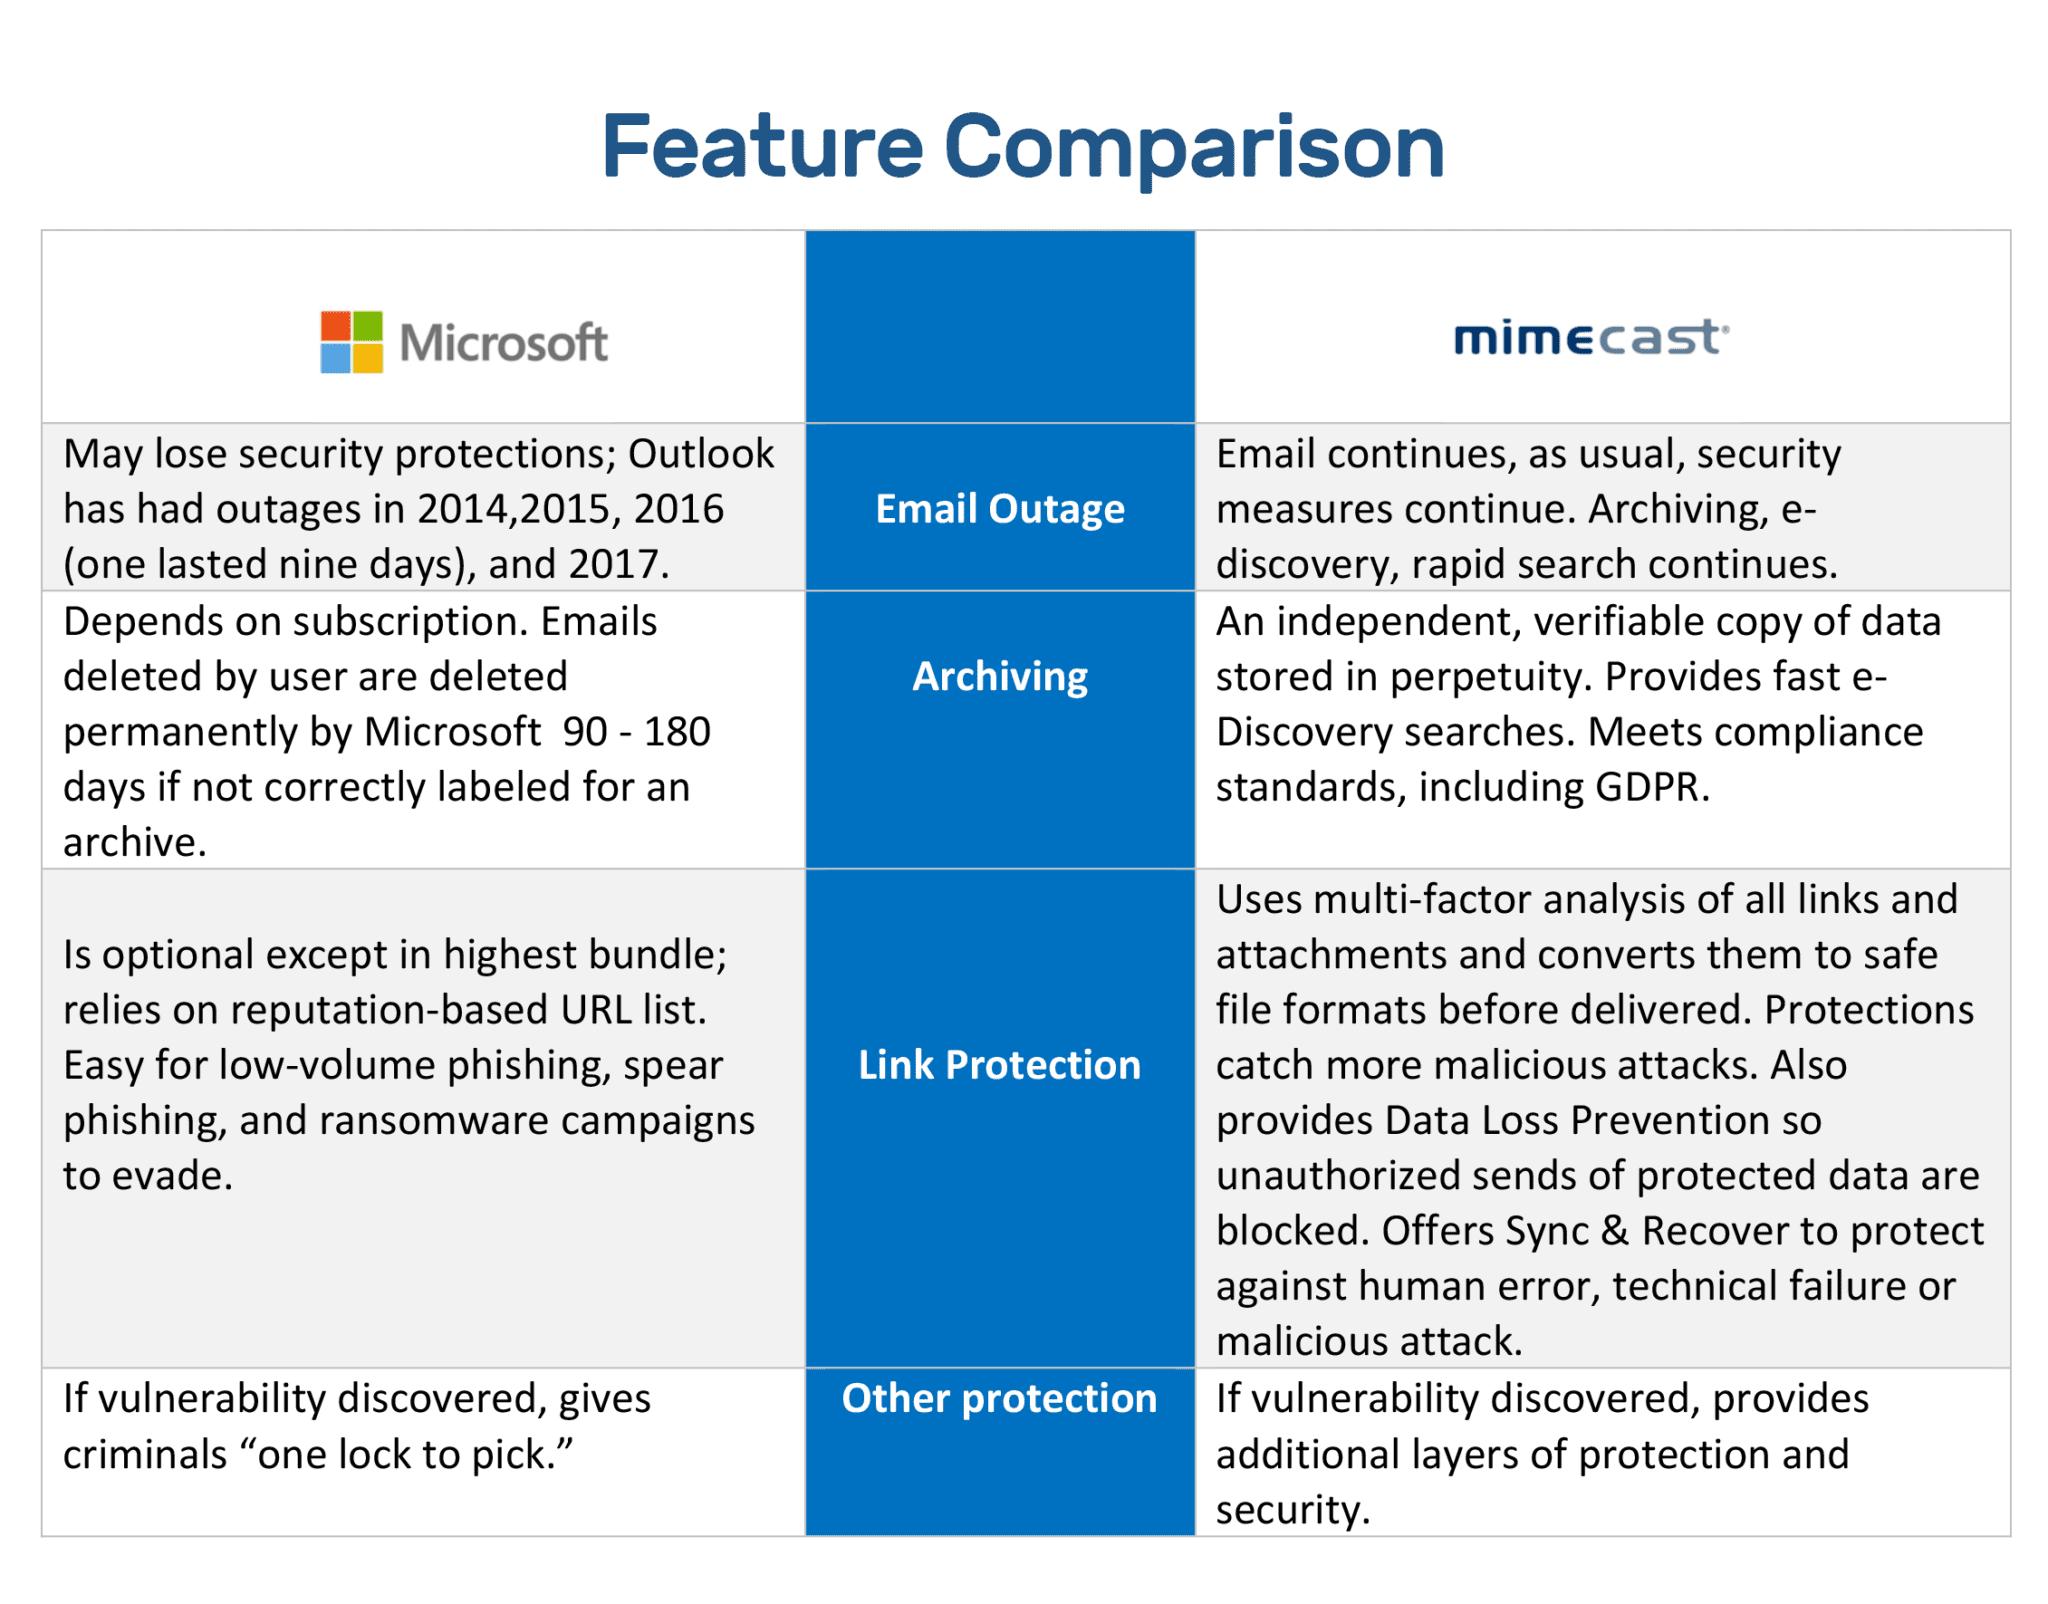 M365 versus Mimecast, ImageQuest